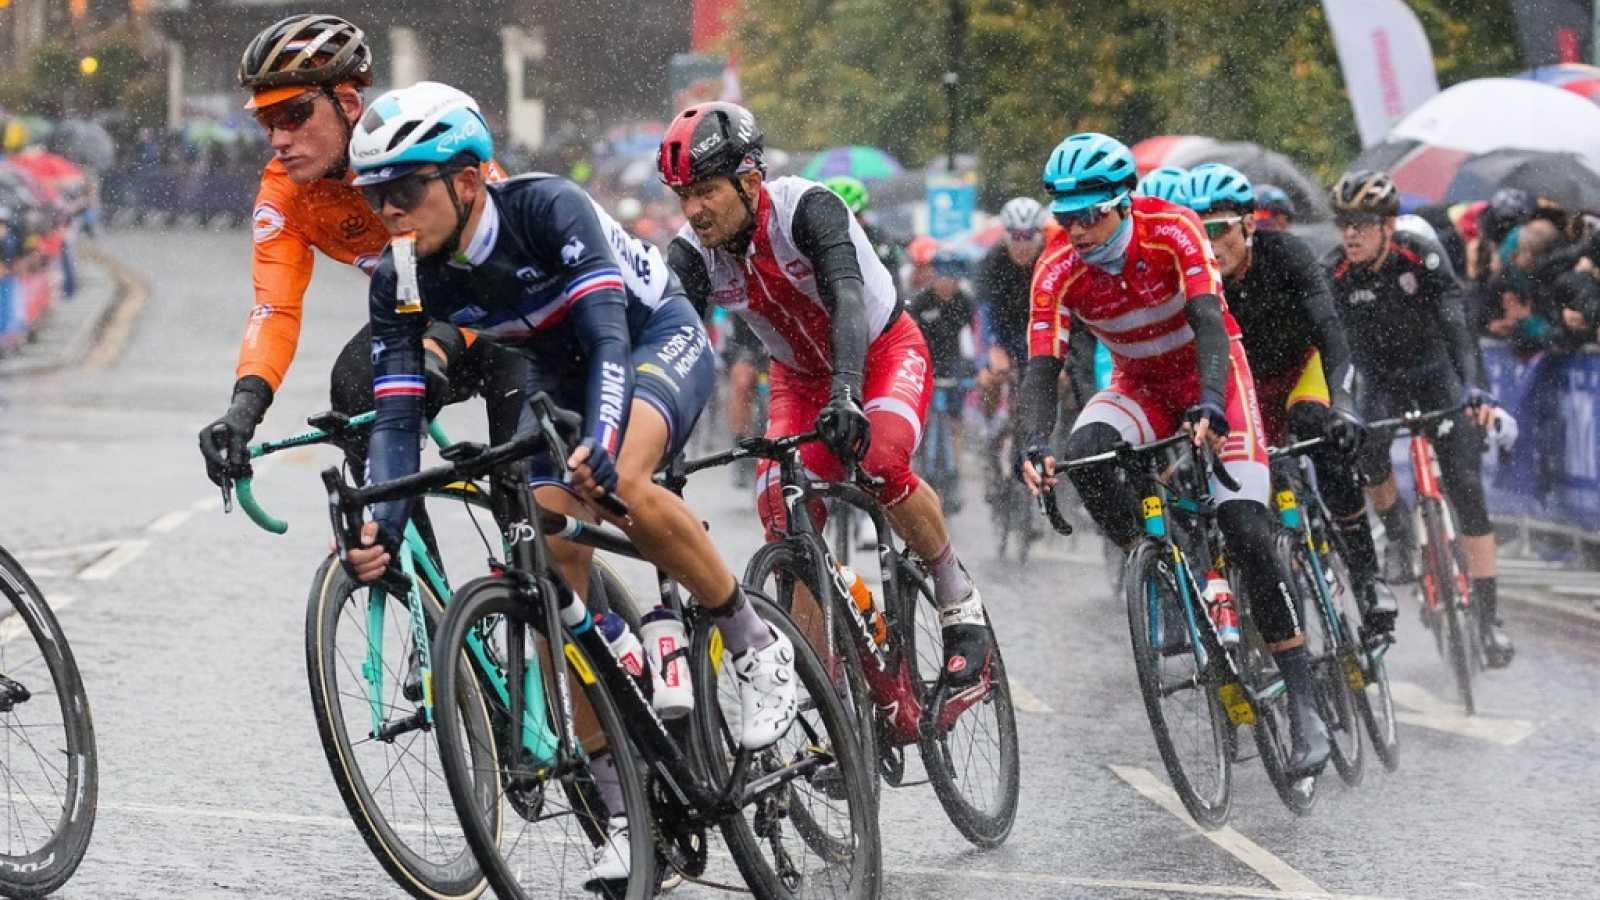 Ciclismo - Campeonato del mundo en ruta. Prueba ELITE Masculina - ver ahora